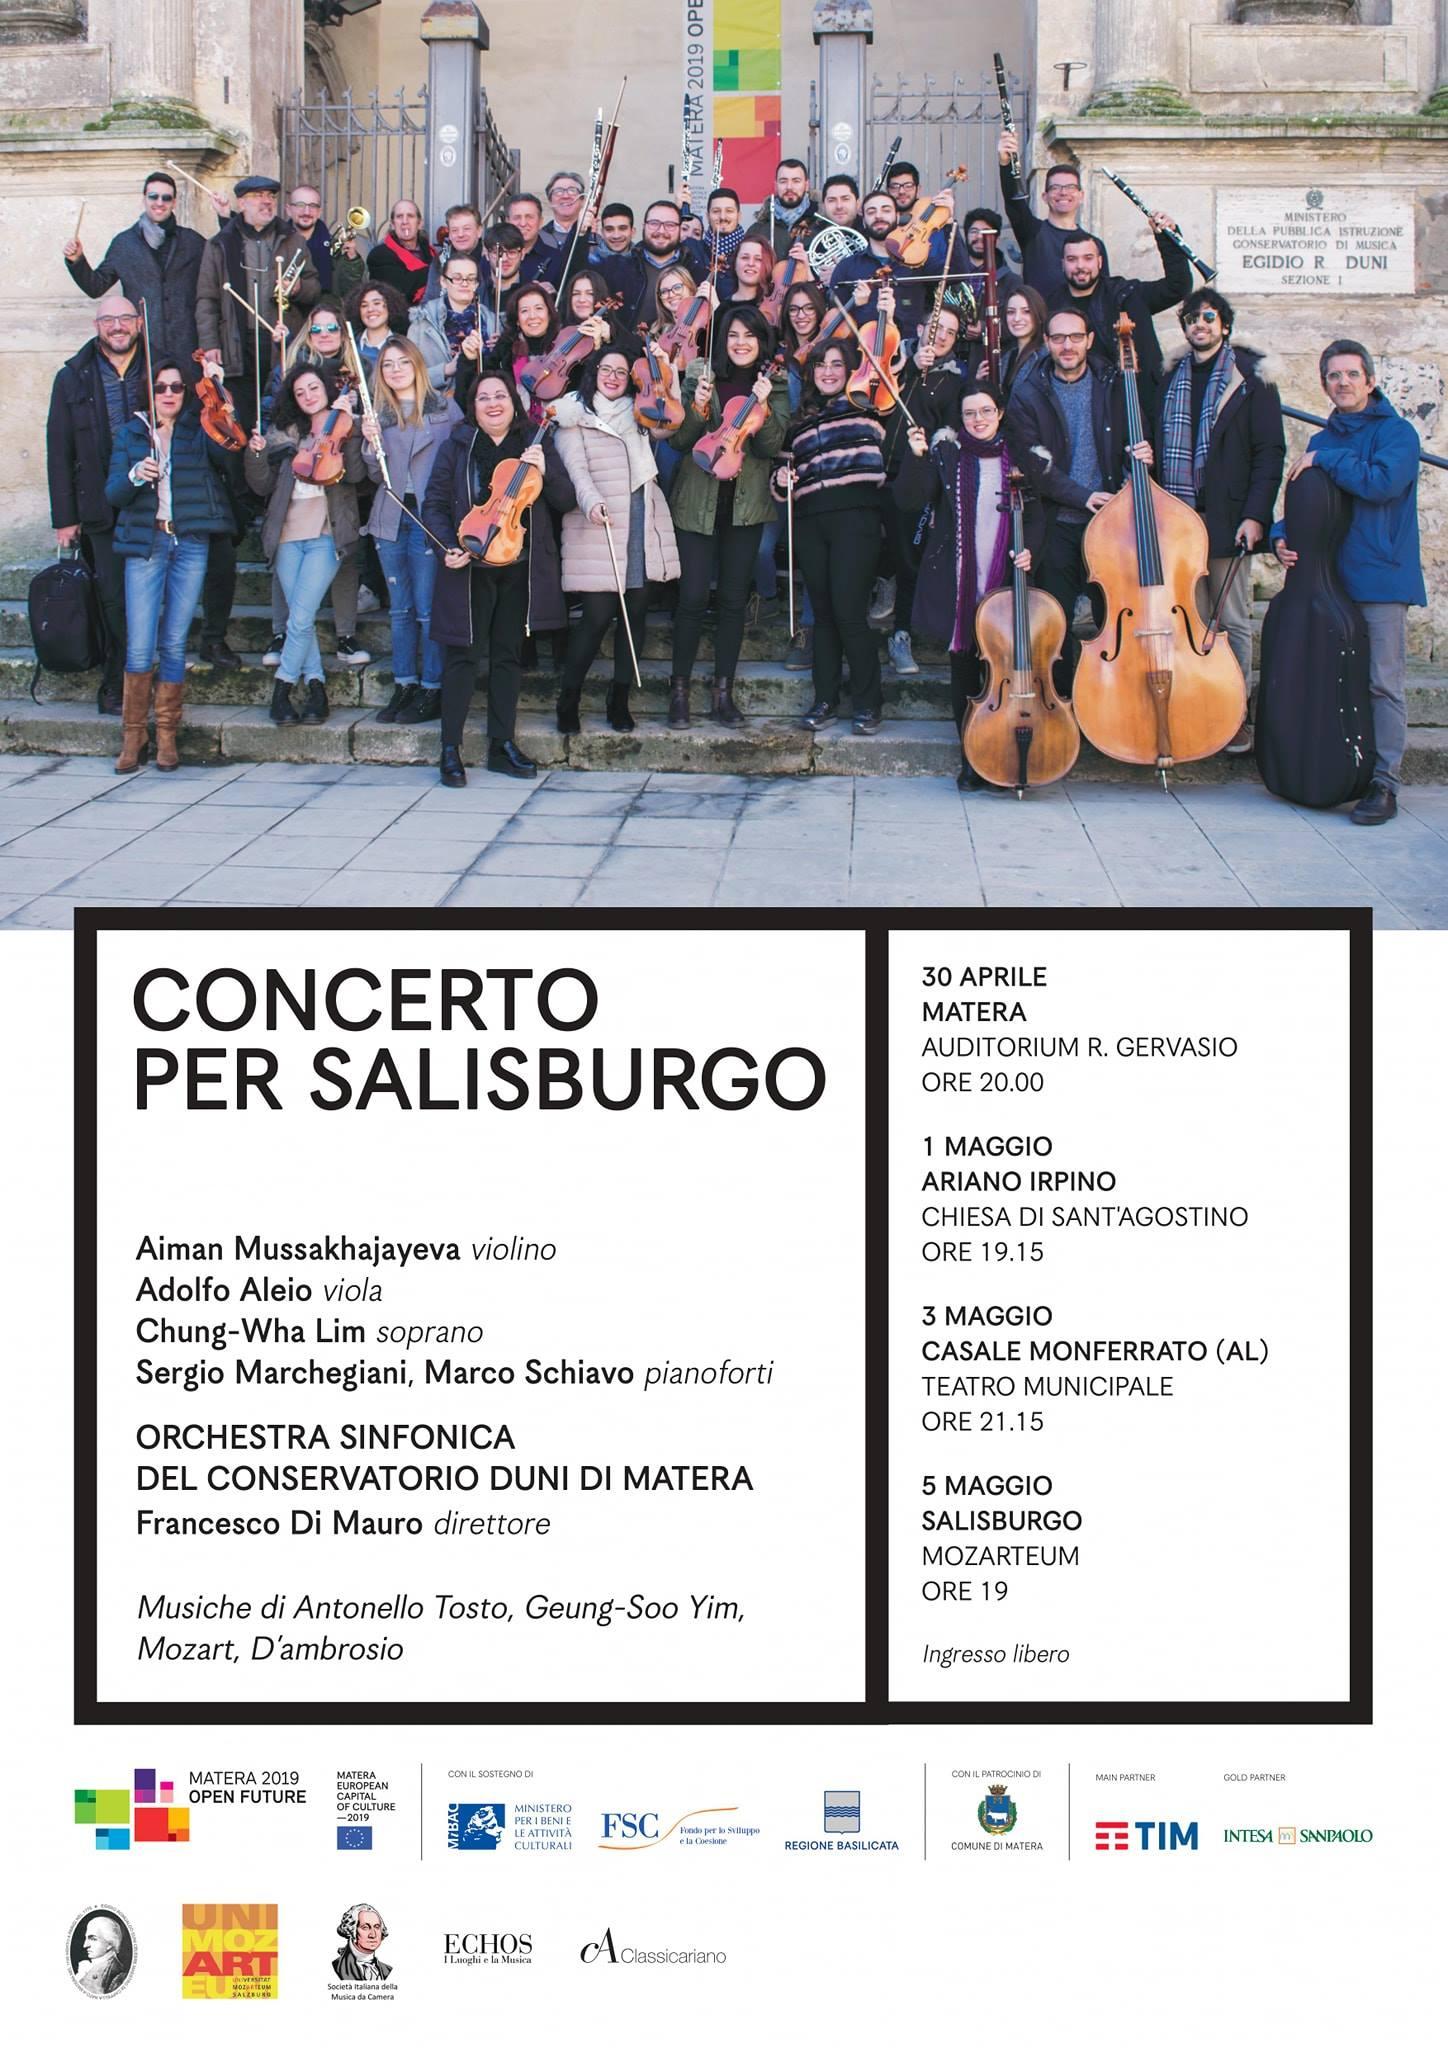 Concerto per Salisburgo